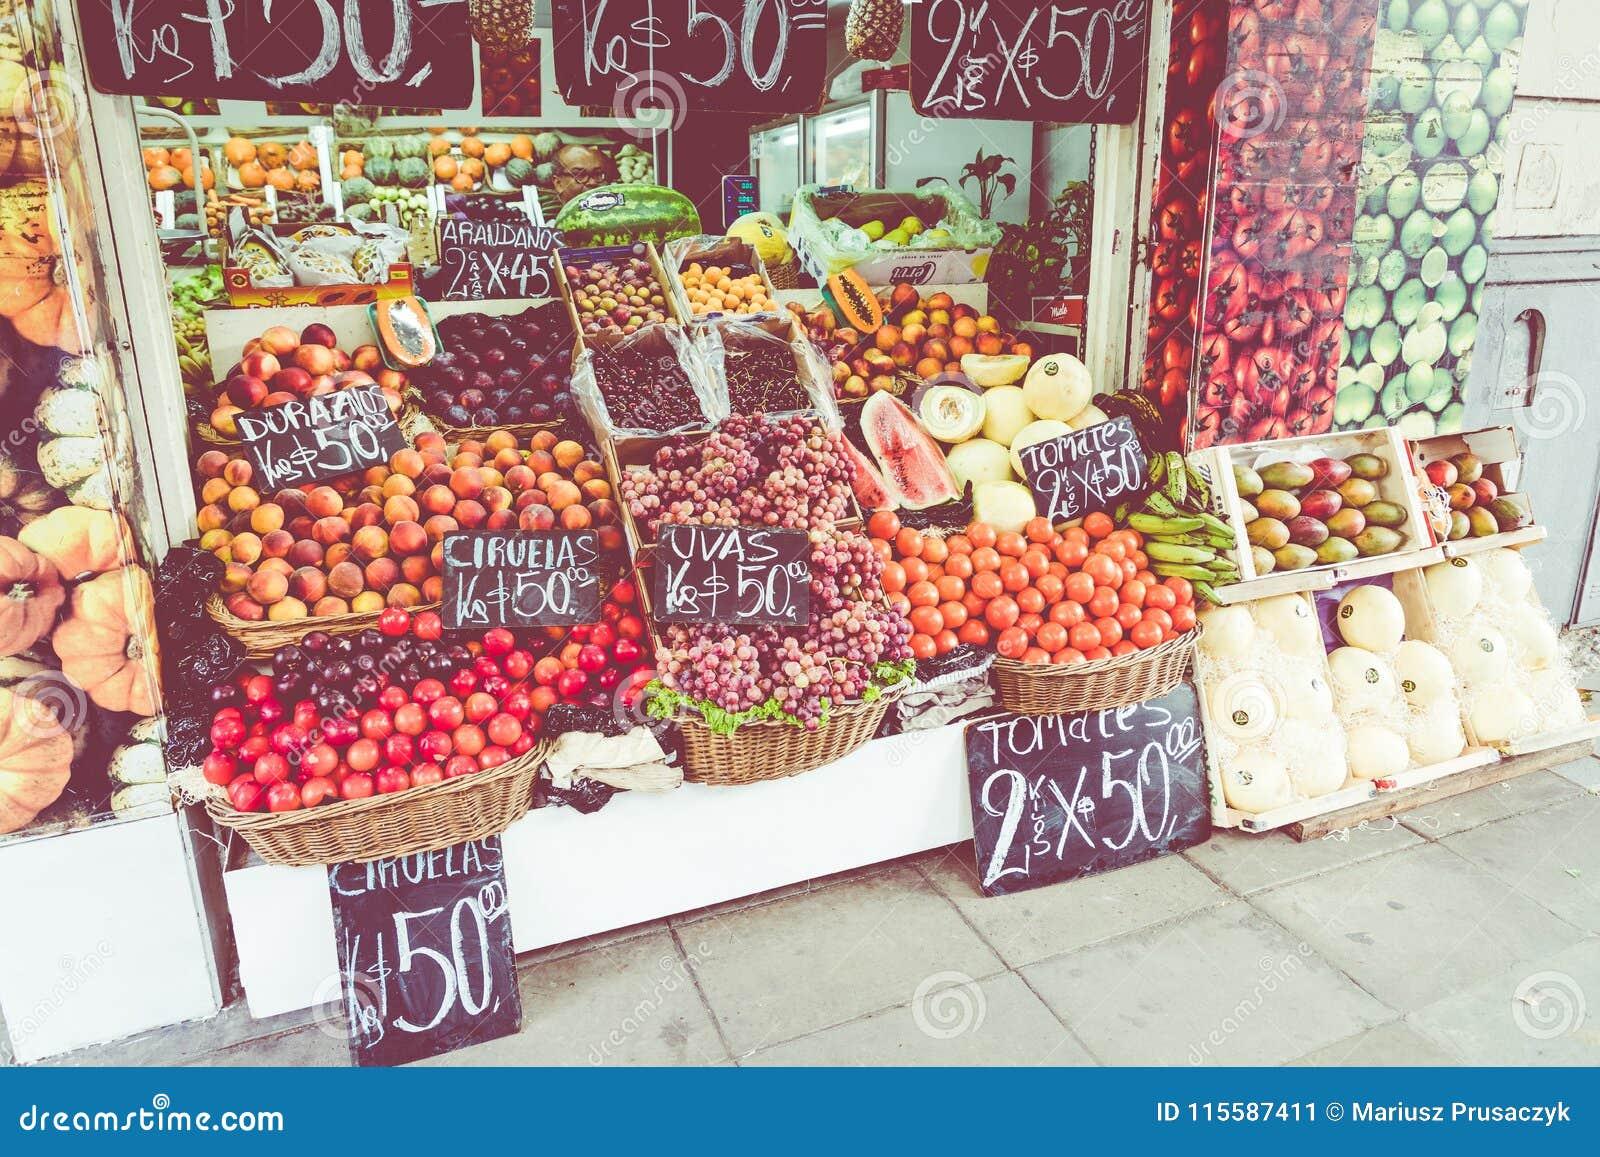 Parada colorida de la fruta y verdura en Buenos Aires, la Argentina